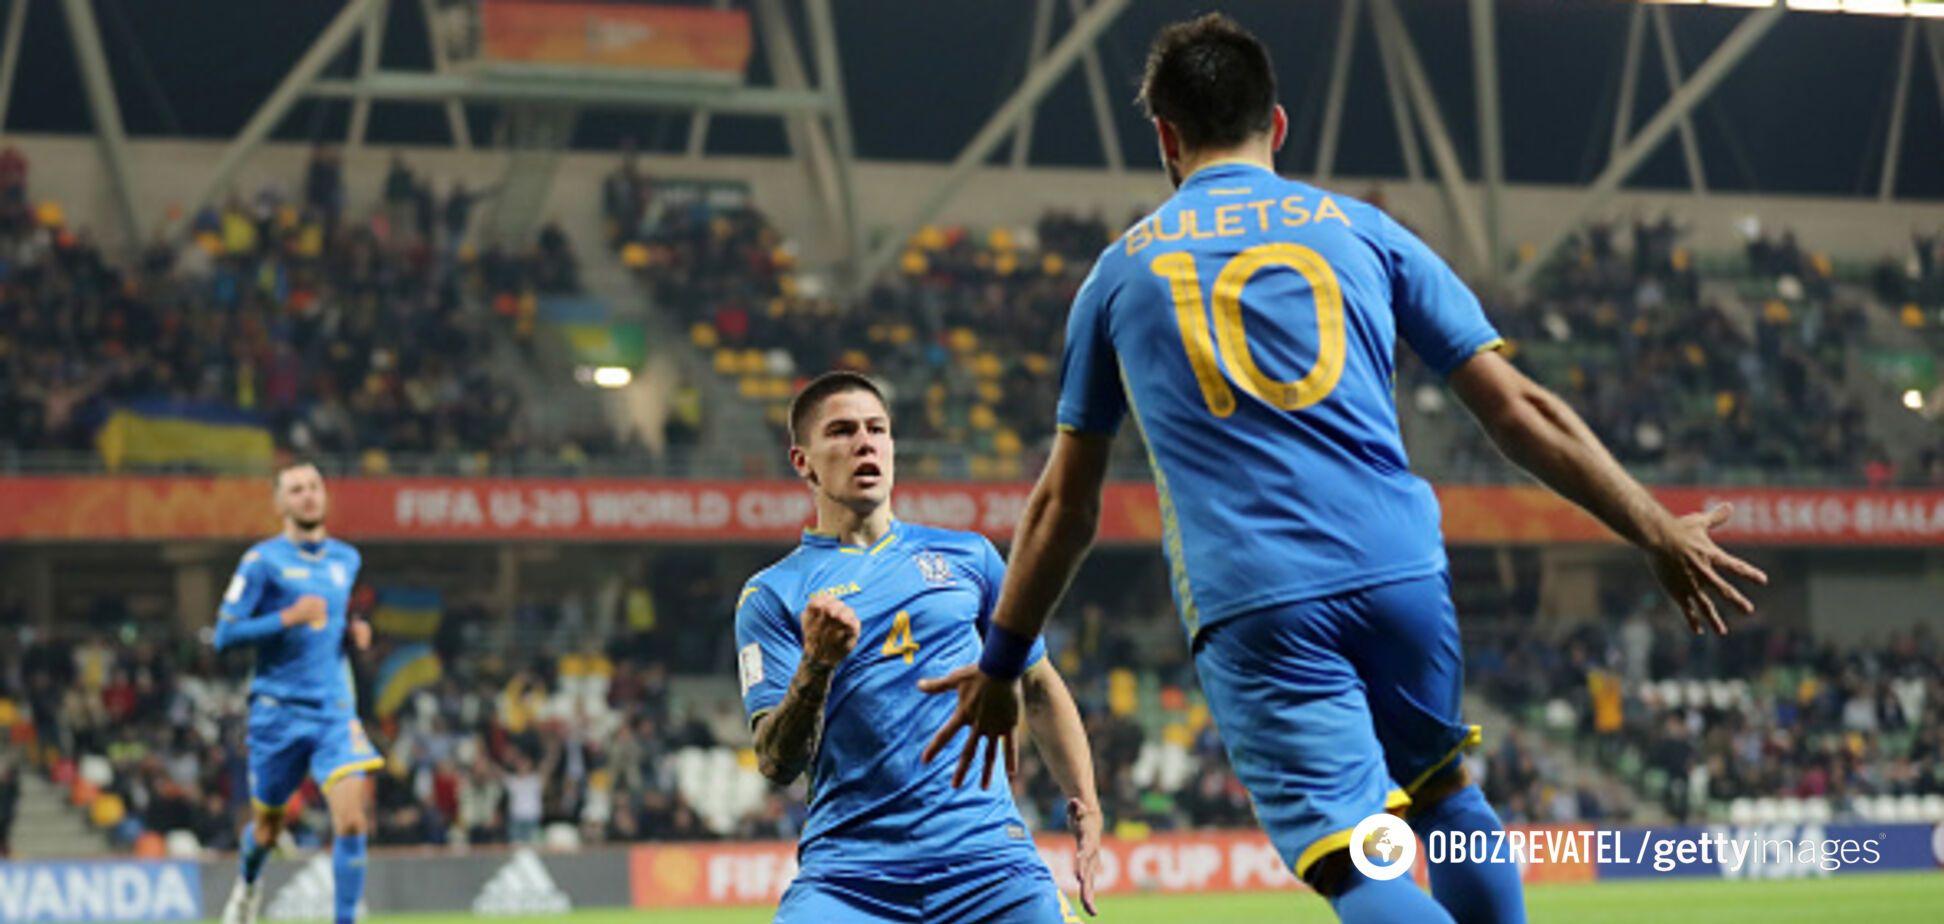 Украина вышла в исторический четвертьфинал ЧМ по футболу U-20